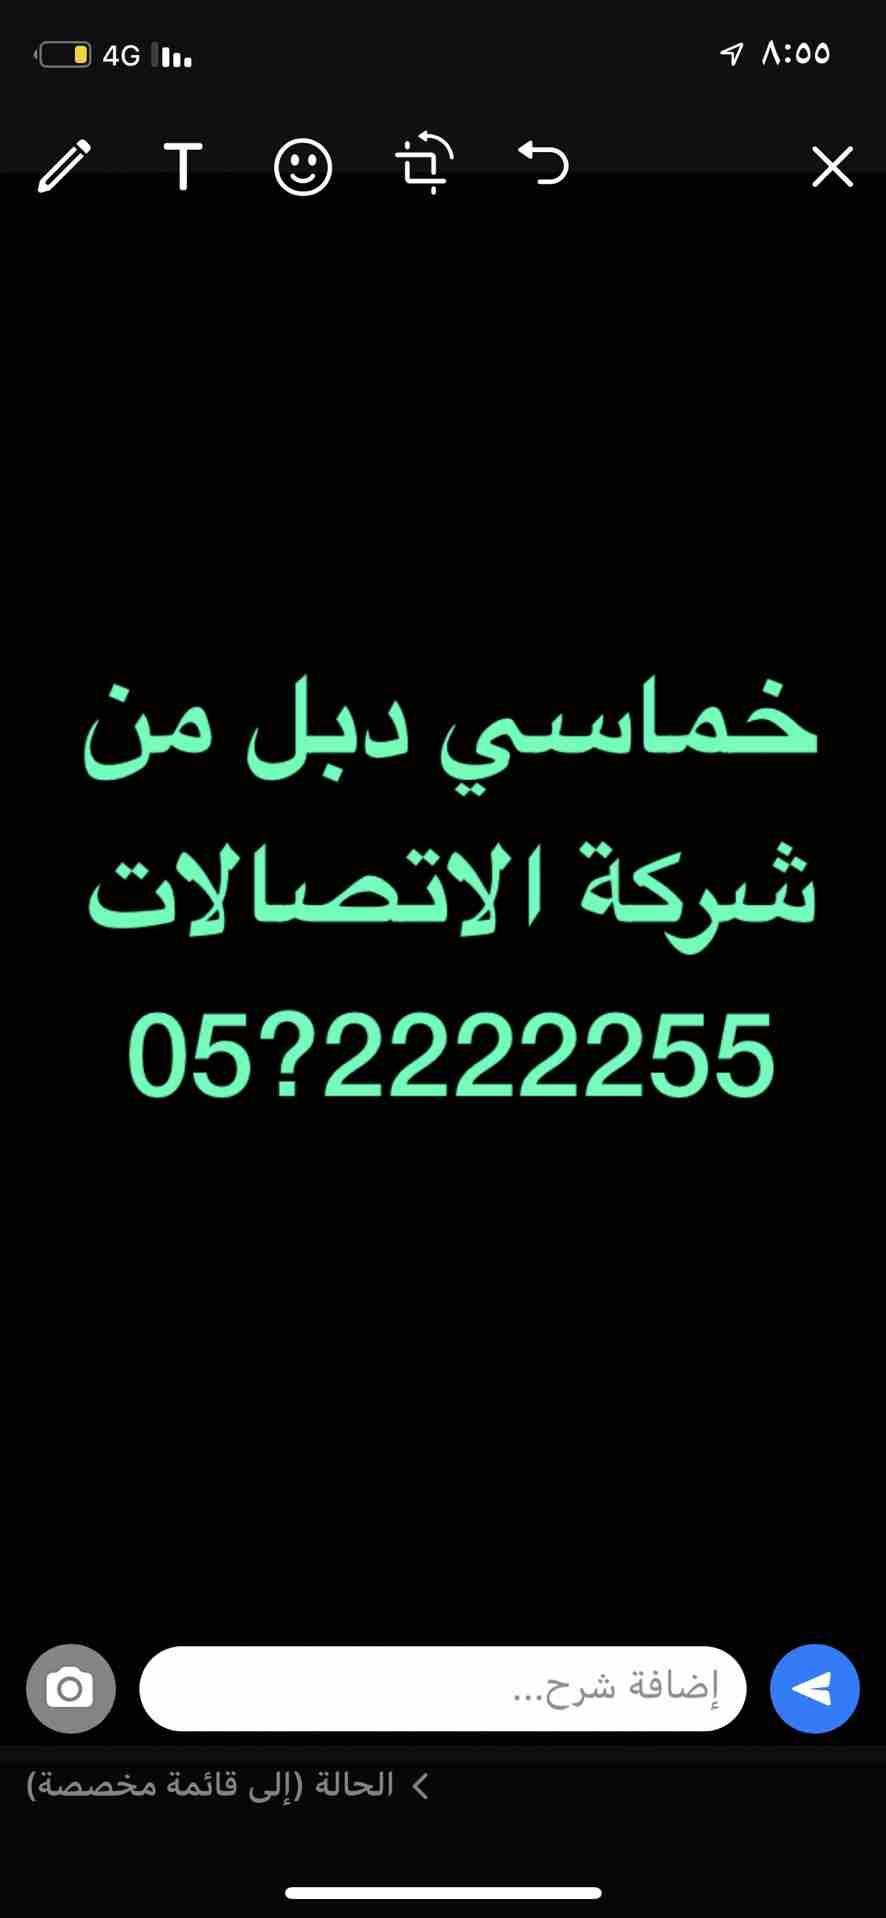 ارقام خماسيه مميزه 2222255؟05 و ؟055555780...